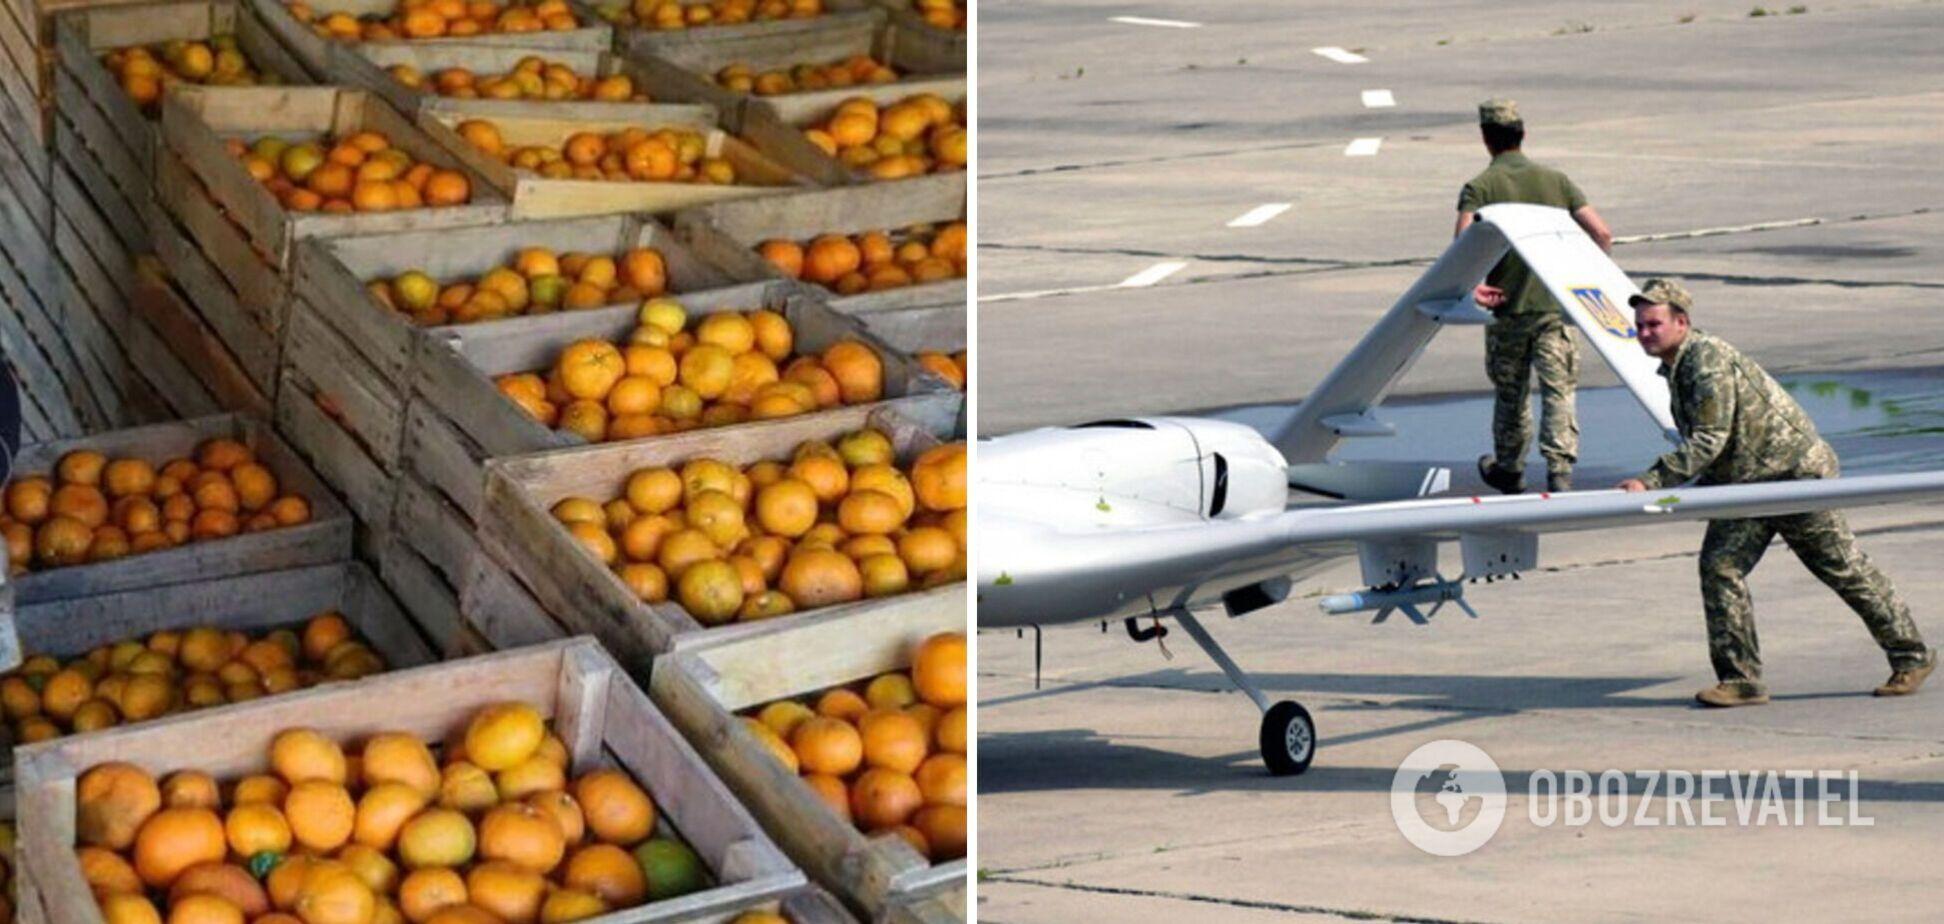 Росія зупинила ввезення мандарин із Туреччини після застосування на Донбасі турецьких Bayraktar